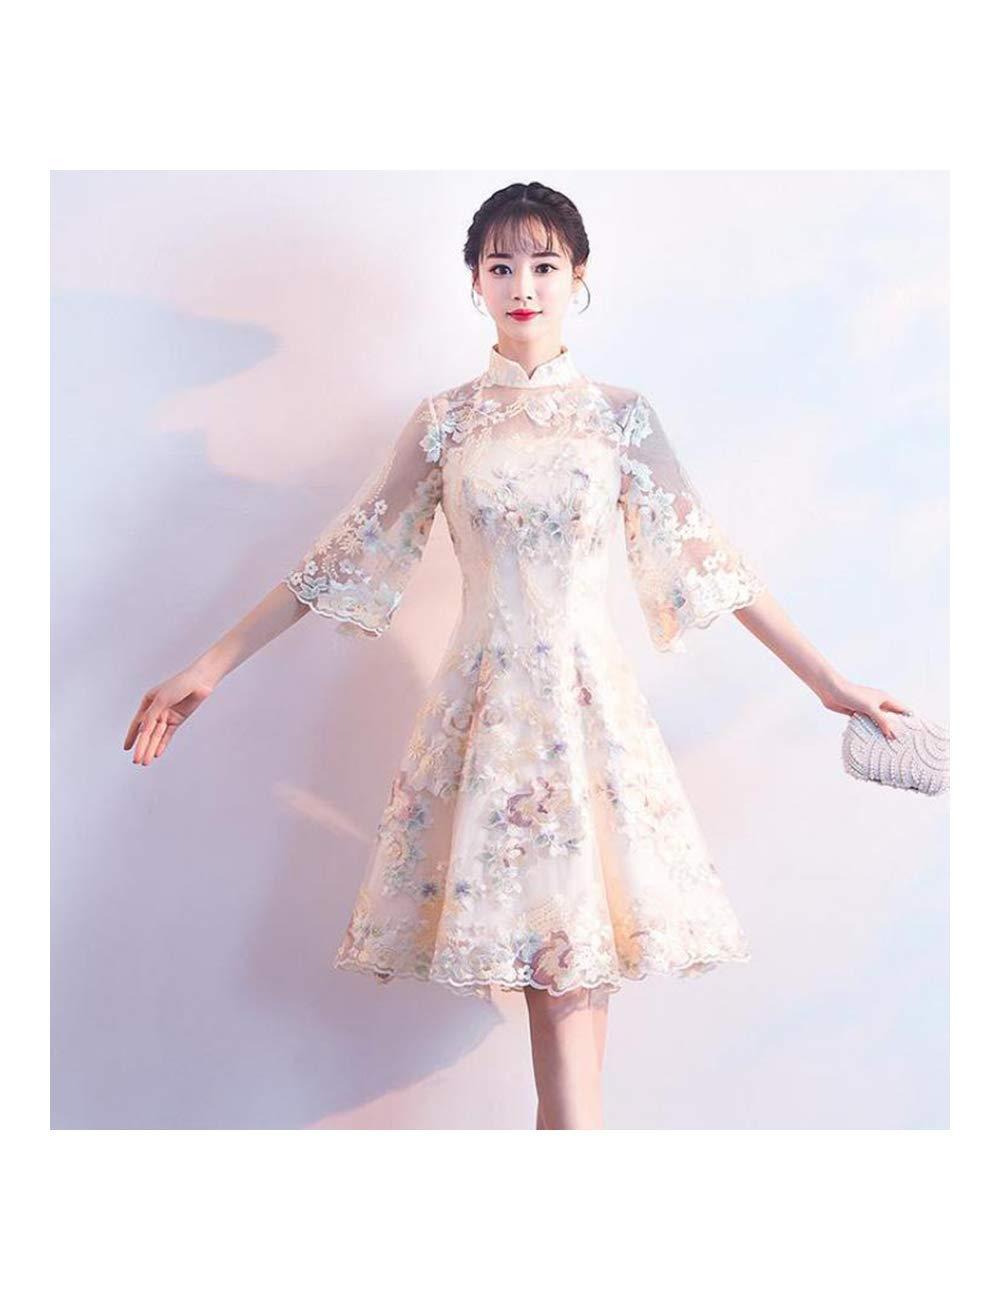 Champagne Style 1 M ATLD Cheongsam Noble Mariée Robe De Mariée élégante Fille Fleur Qipao Classique Col Mandarin Cheongsam Robes De Soirée Féminines Orientales